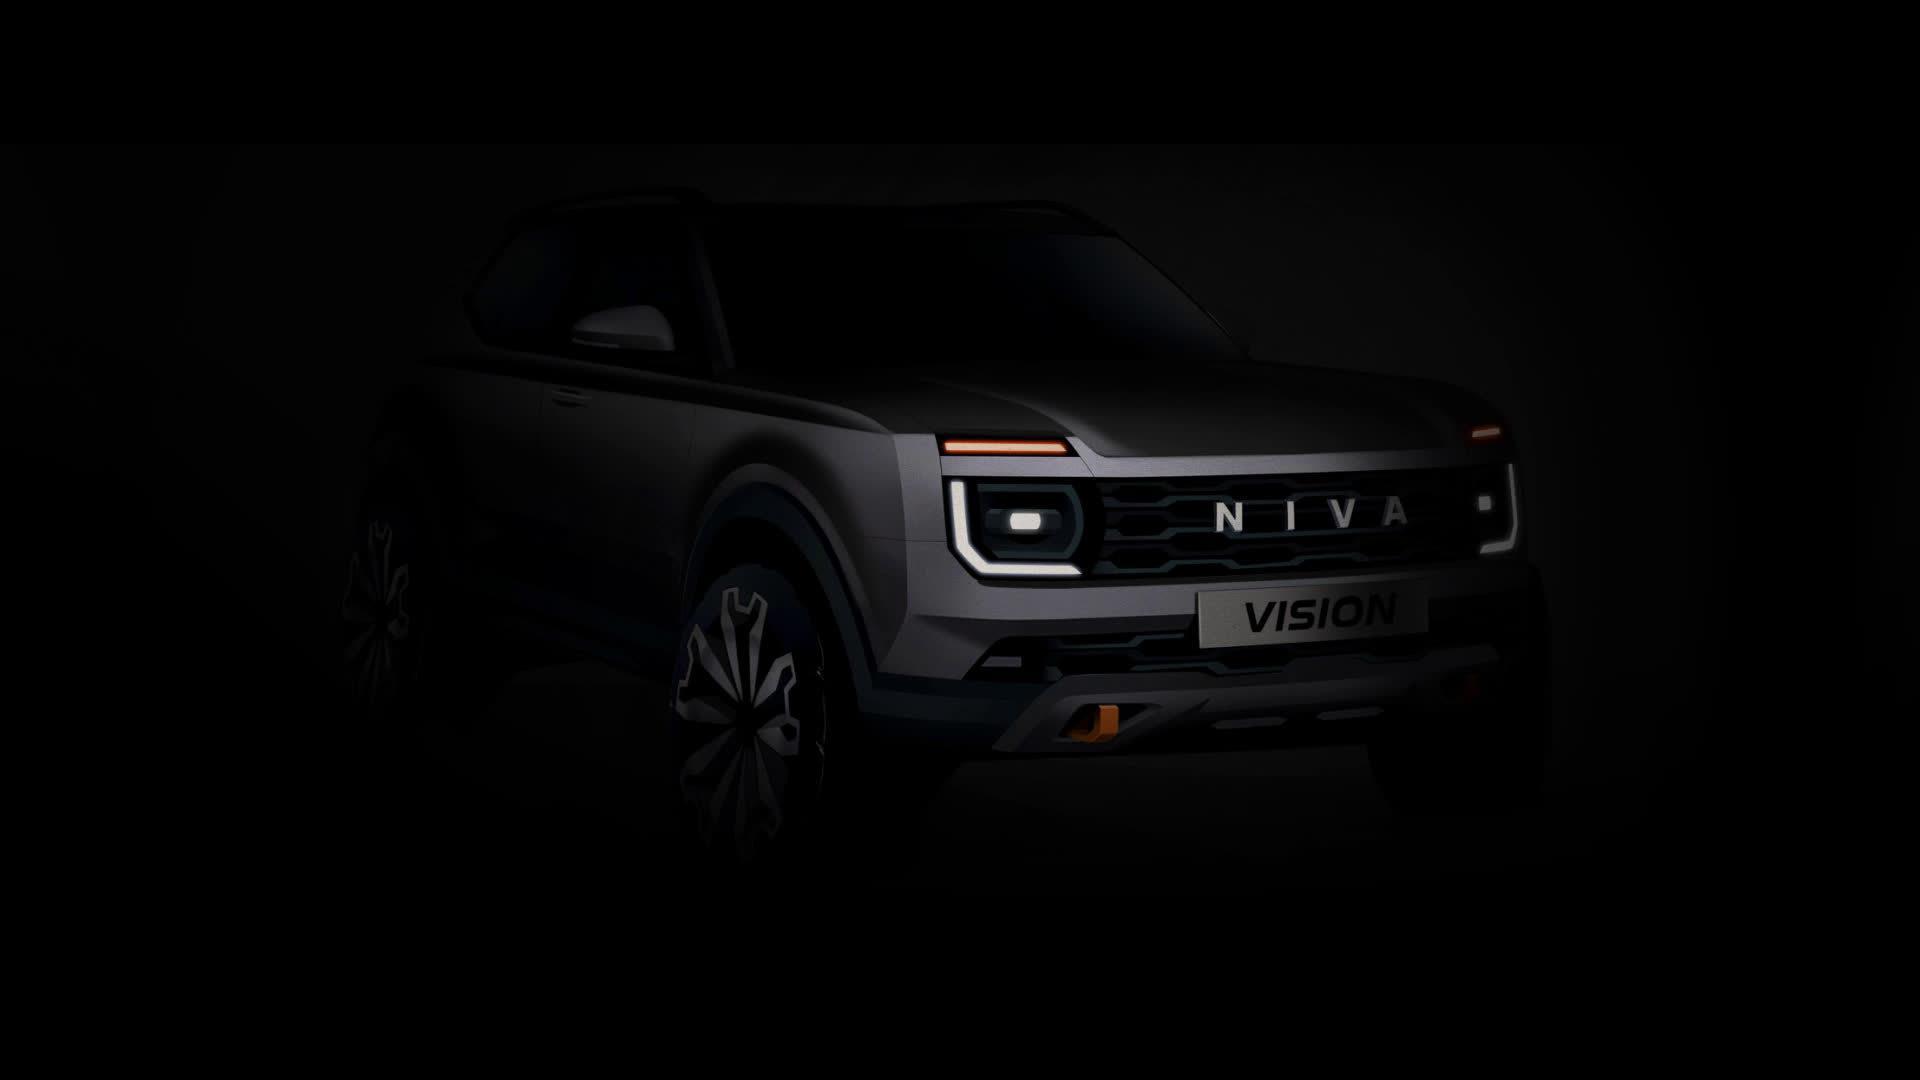 基于CMF平台,继承原始设计,全新LADA Niva首次亮相